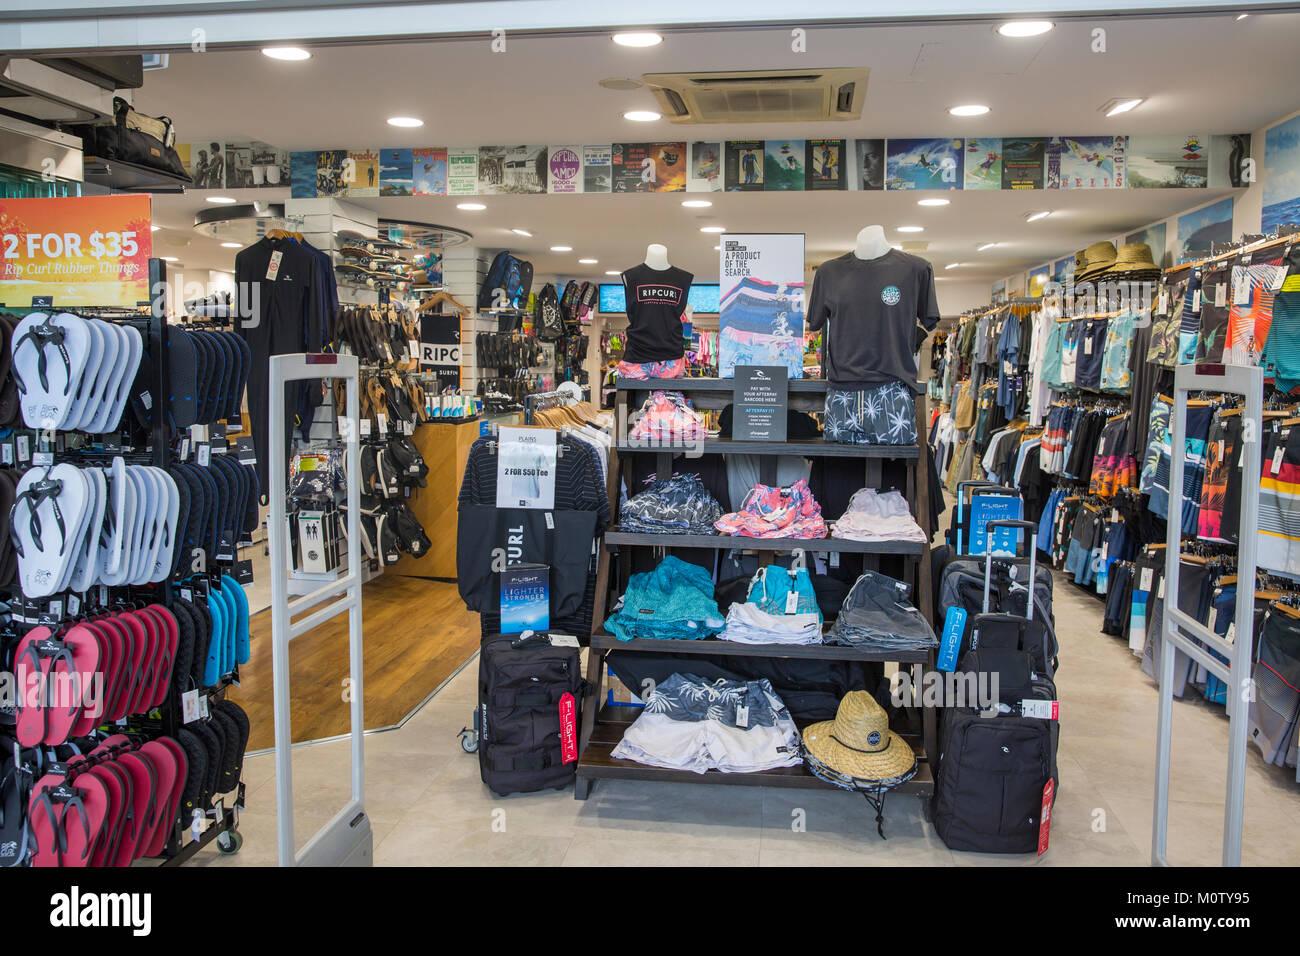 7e0eaa3d2e85b Ripcurl tienda en Port Douglas vendiendo ropa de playa y surf